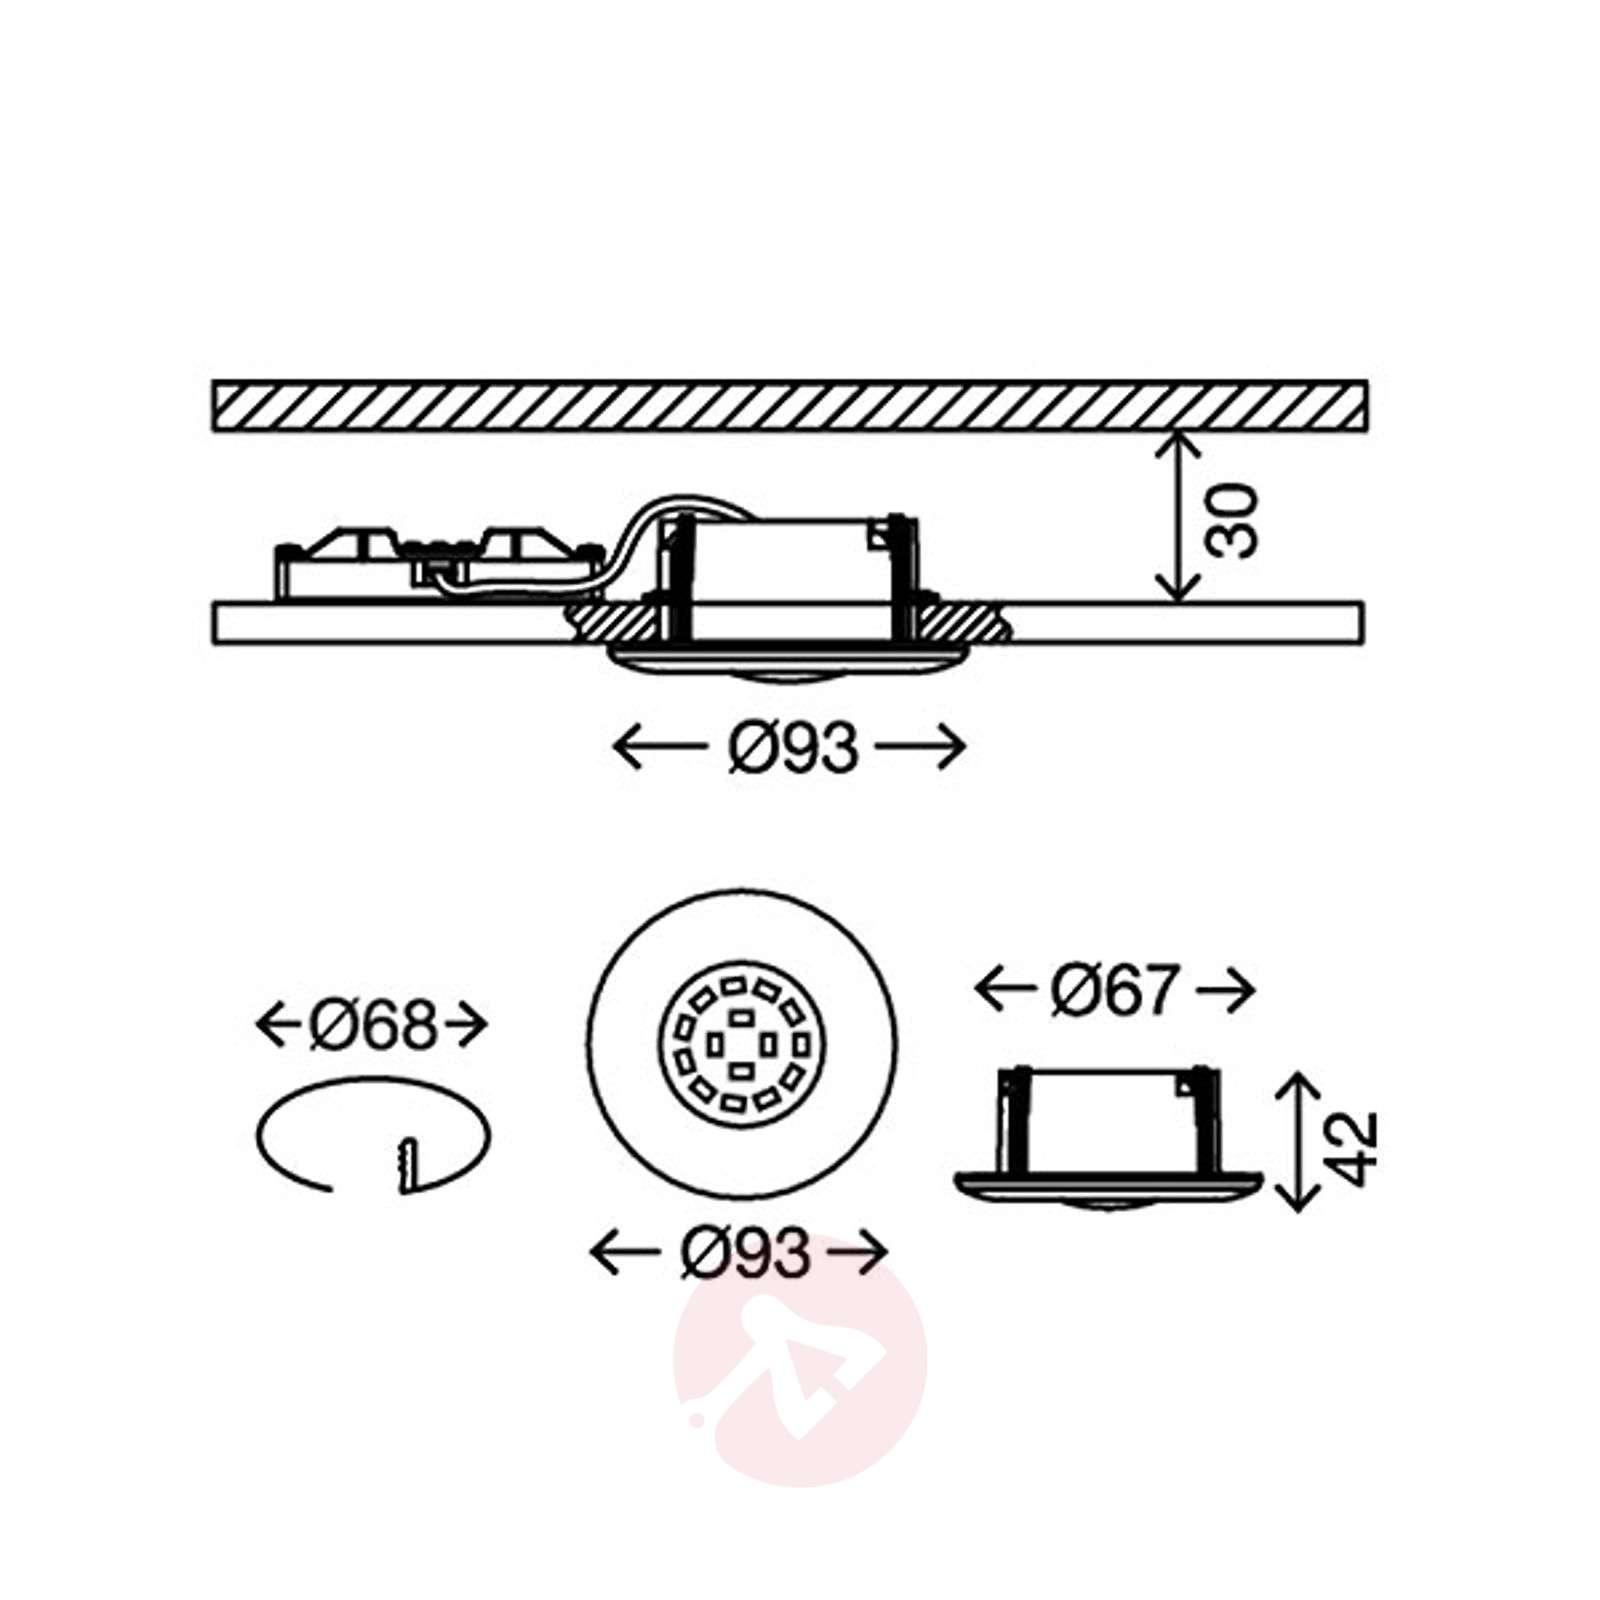 Kromattu Shower-LED-uppokohdevalaisin, IP65-1510317-01